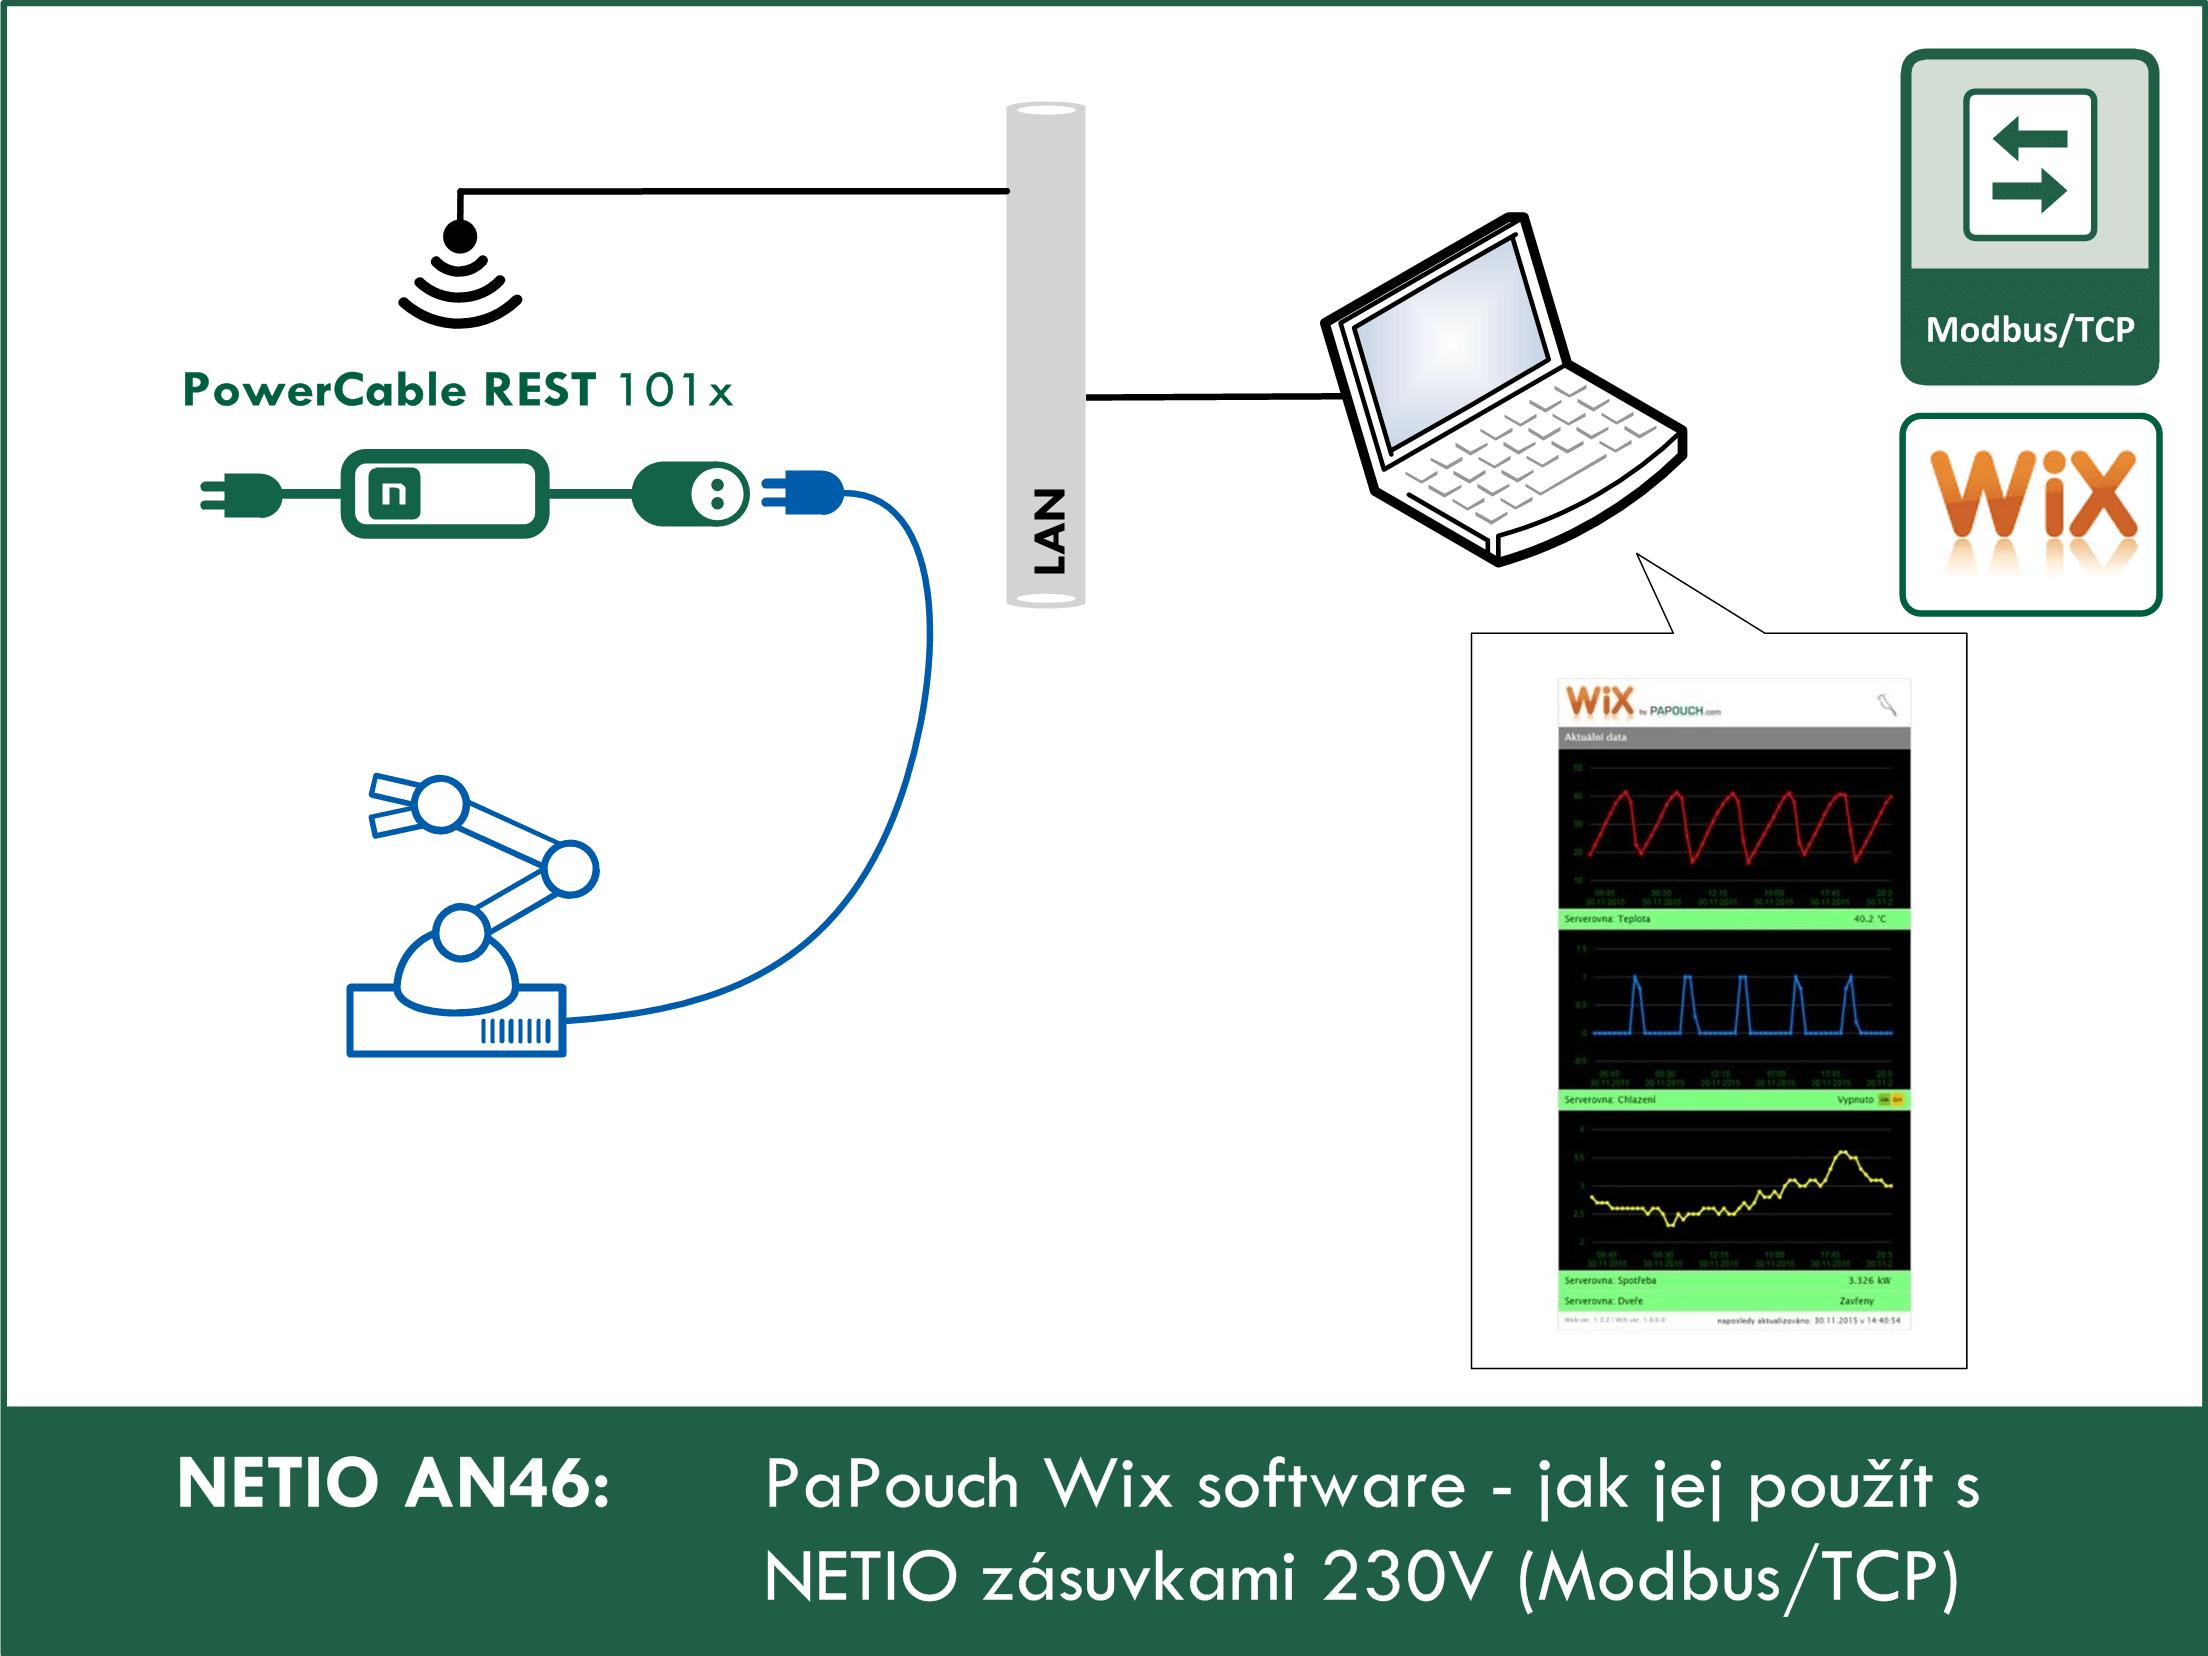 NETIO AN46 PaPouch Wix software - jak jej použít s NETIO zásuvkami 230V (ModbusTCP)